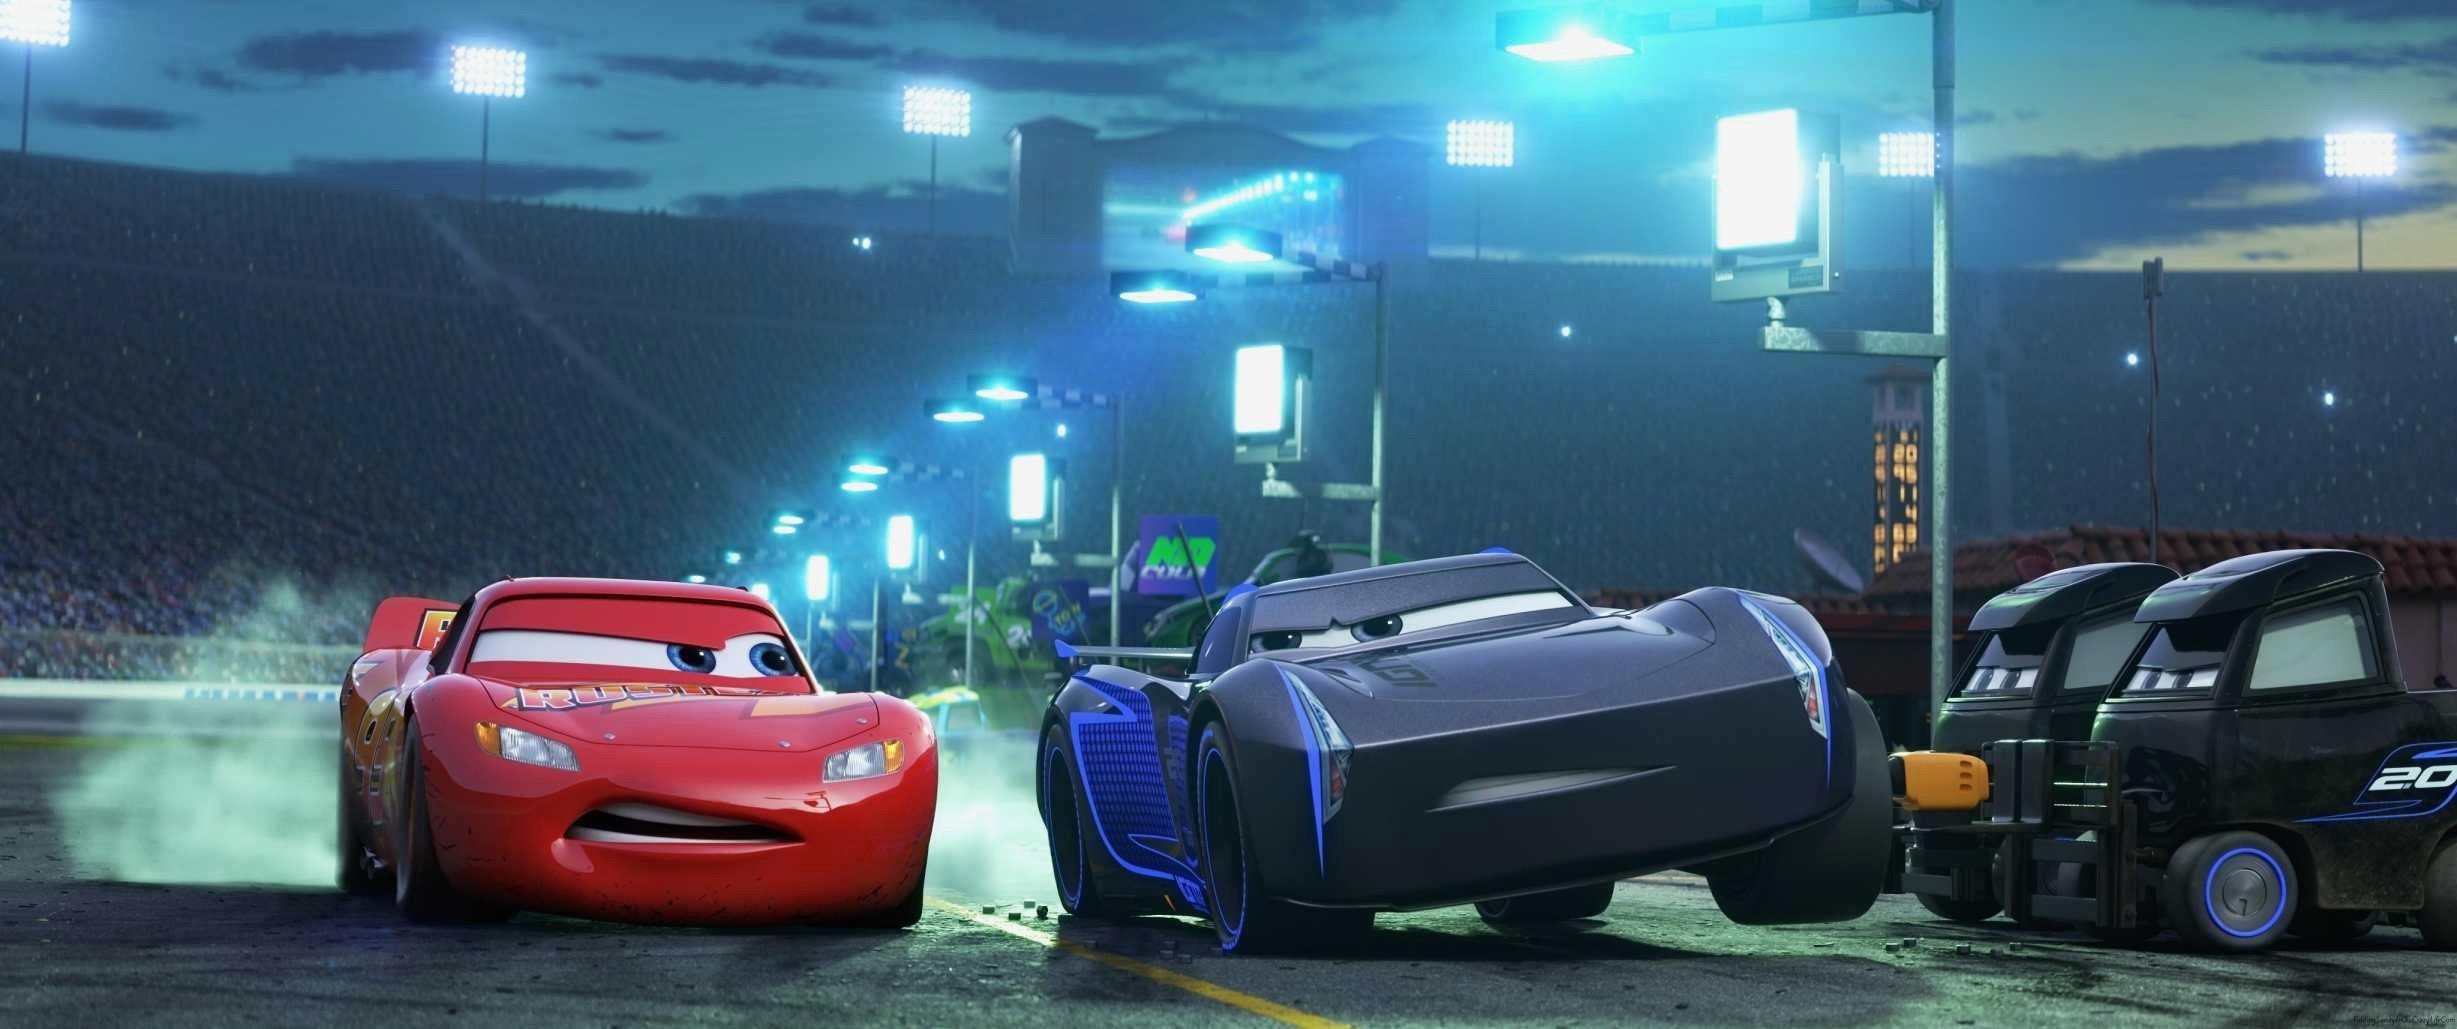 Ausmalbilder Lightning Mcqueen Das Beste Von Ausmalbilder Cars 3 Verschiedene Bilder Färben Fresh Disney Cars 3 Sammlung